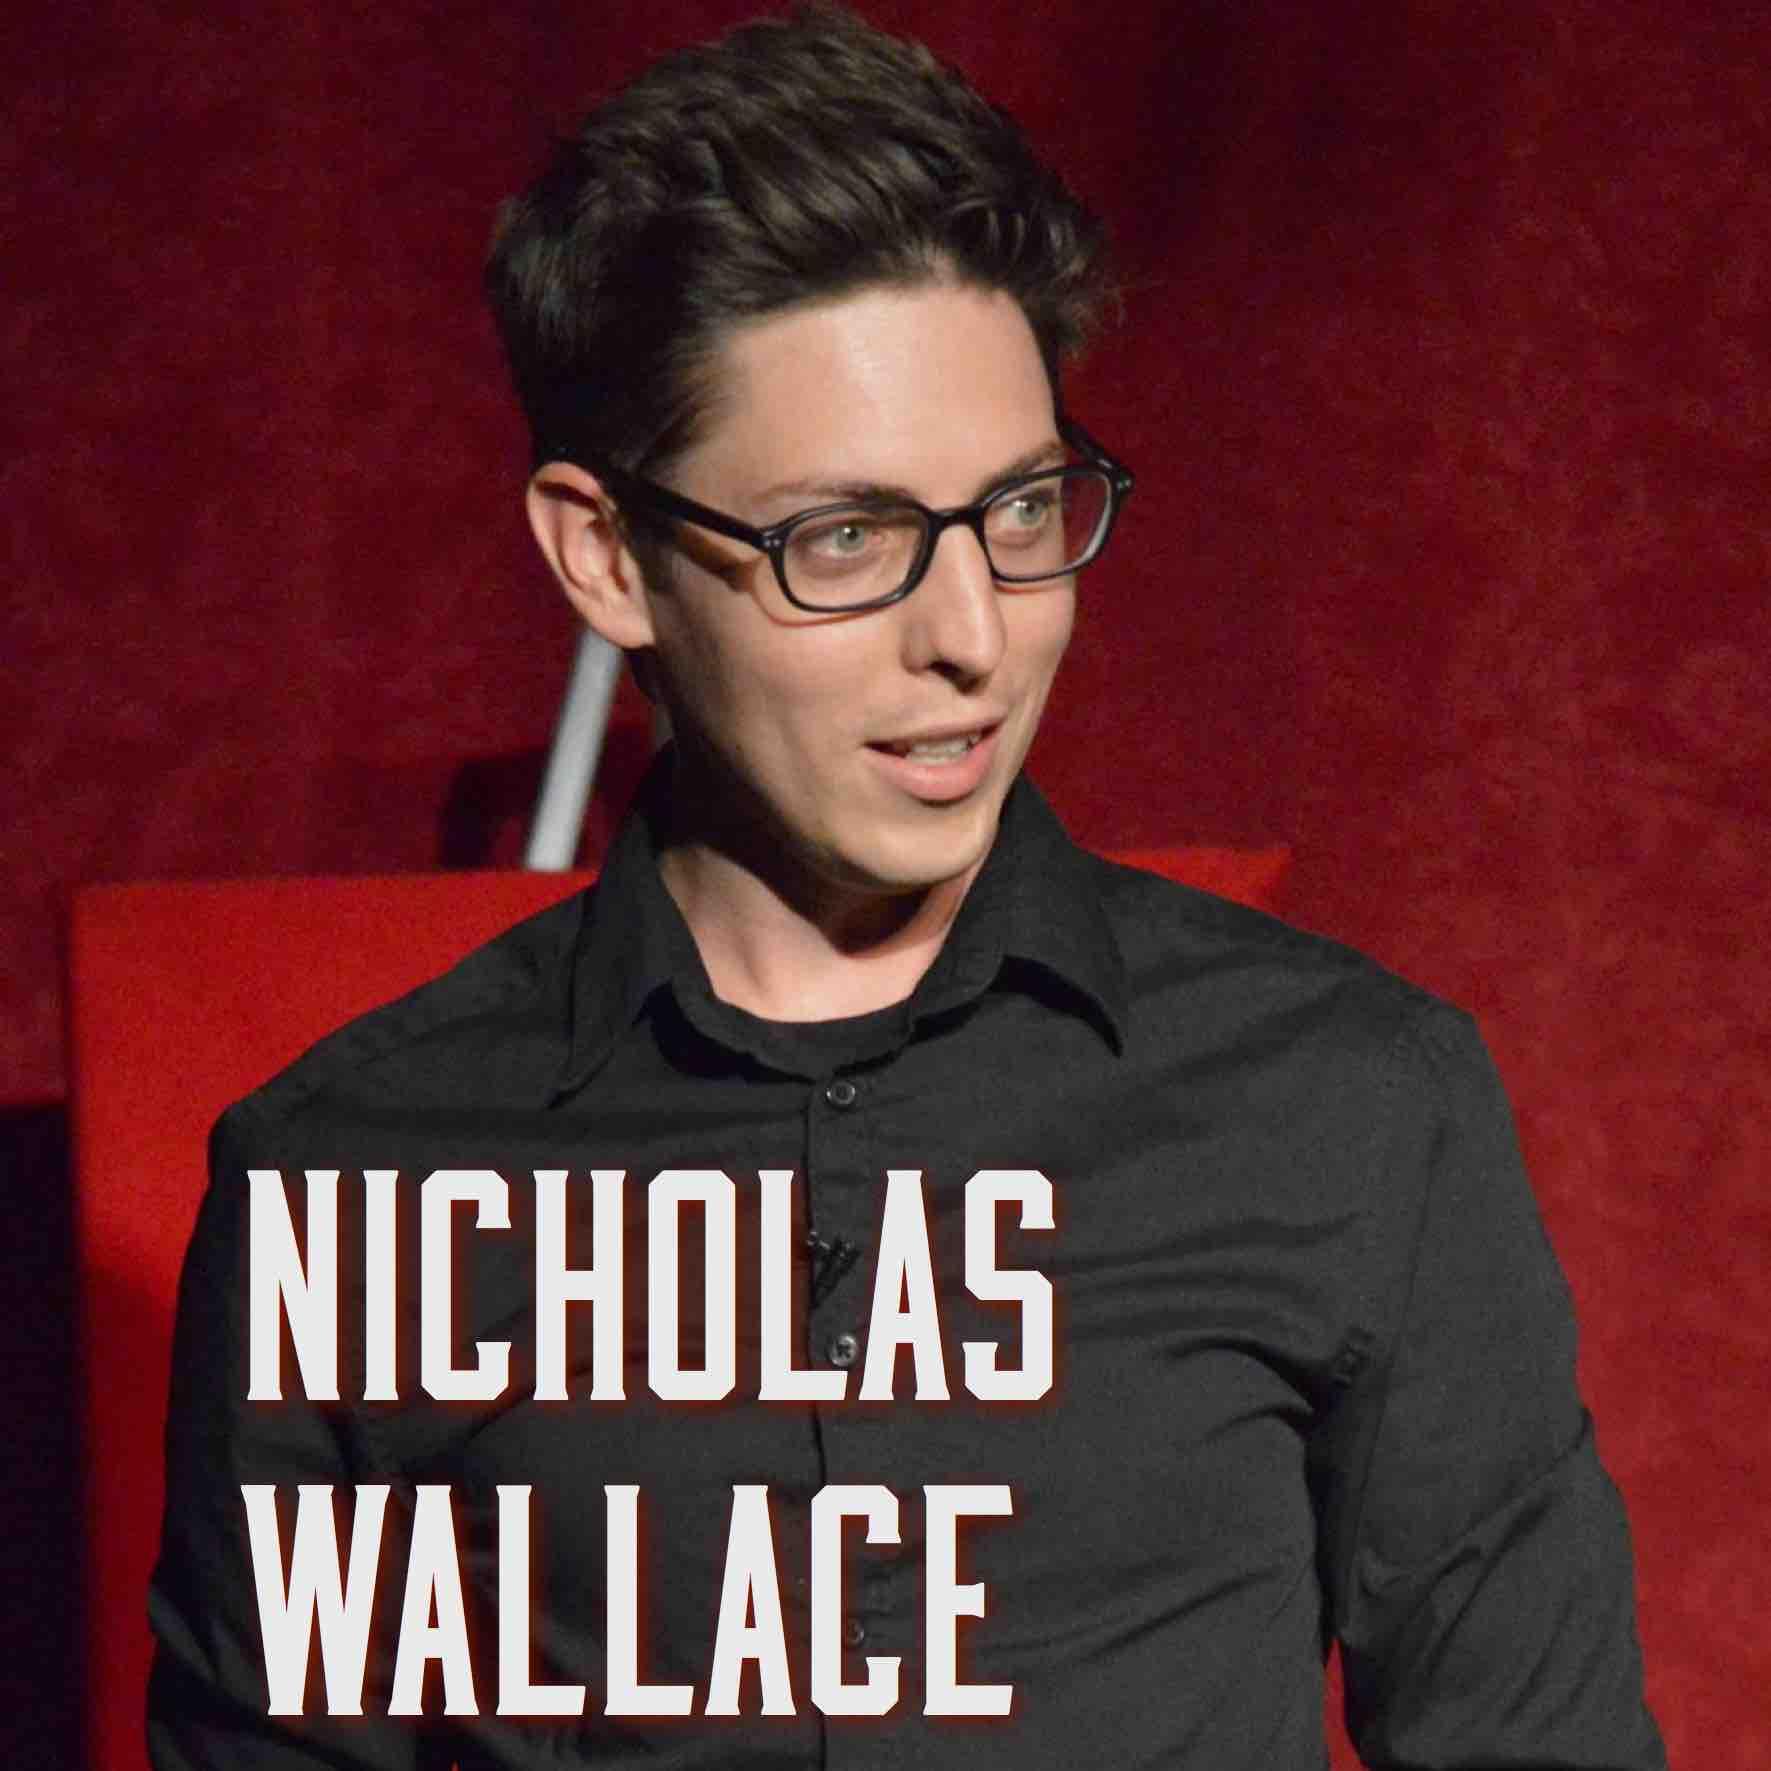 Nicholas Walalce